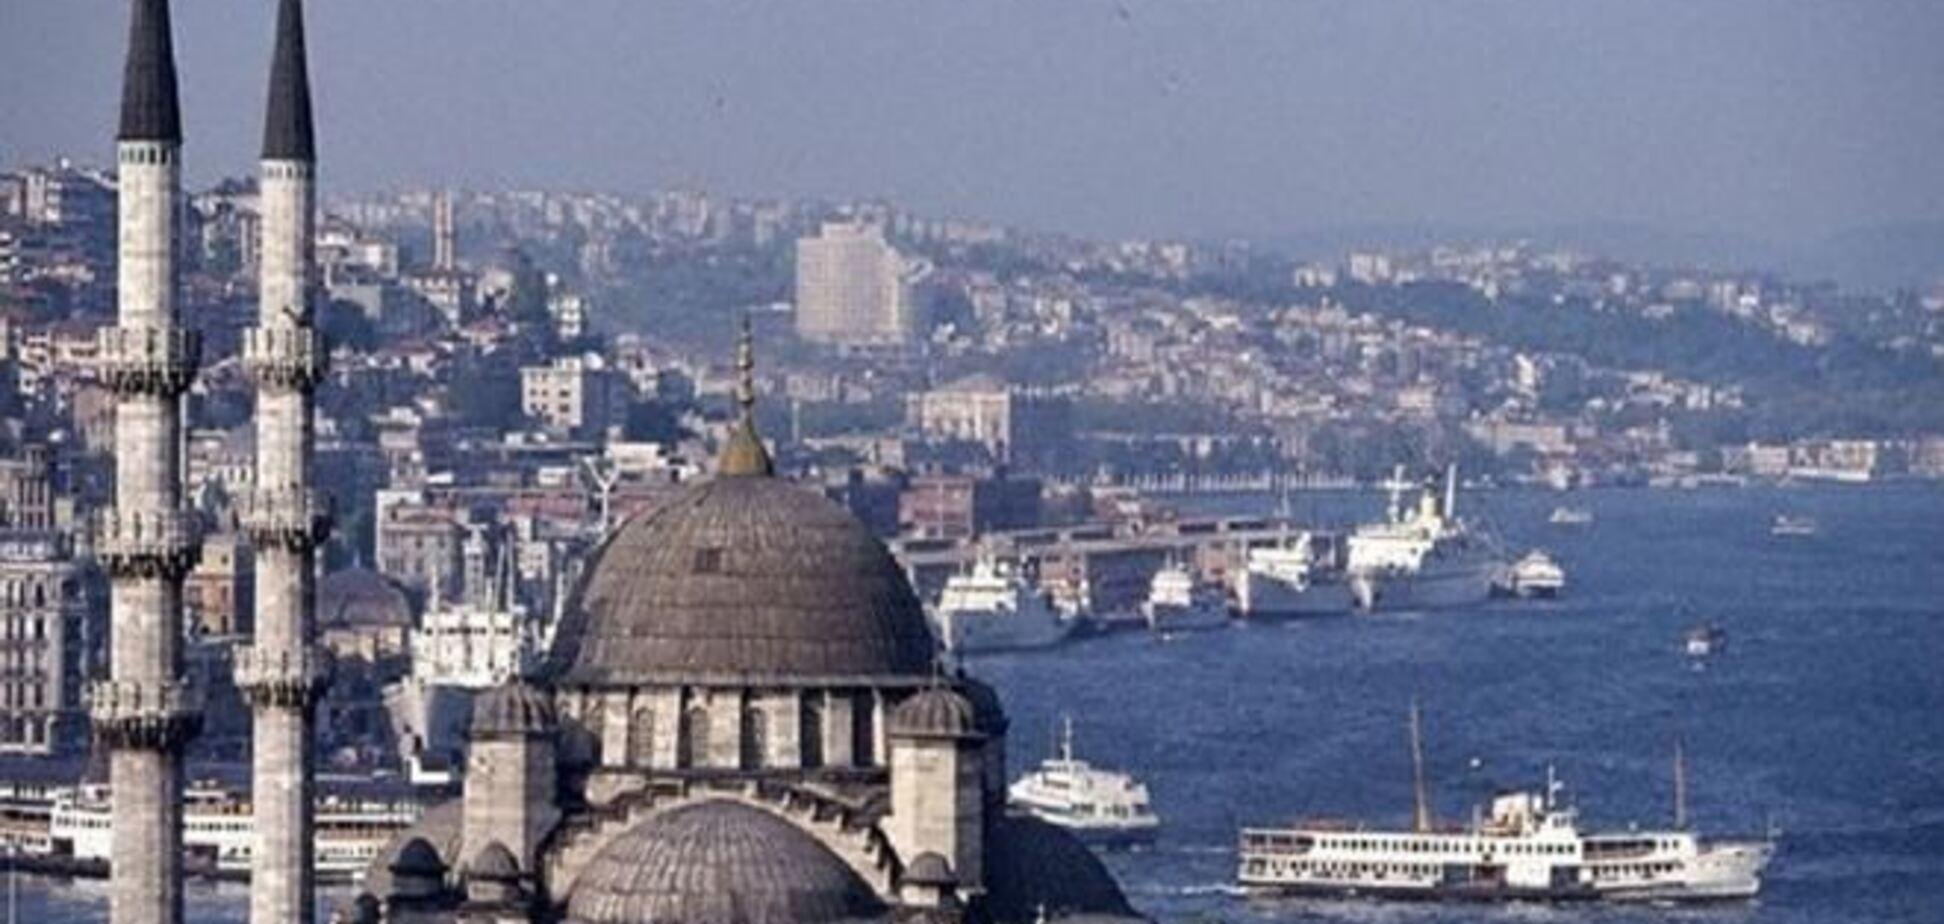 Продажи недвижимости в Турции в 2013 году выросли на 78.7 %